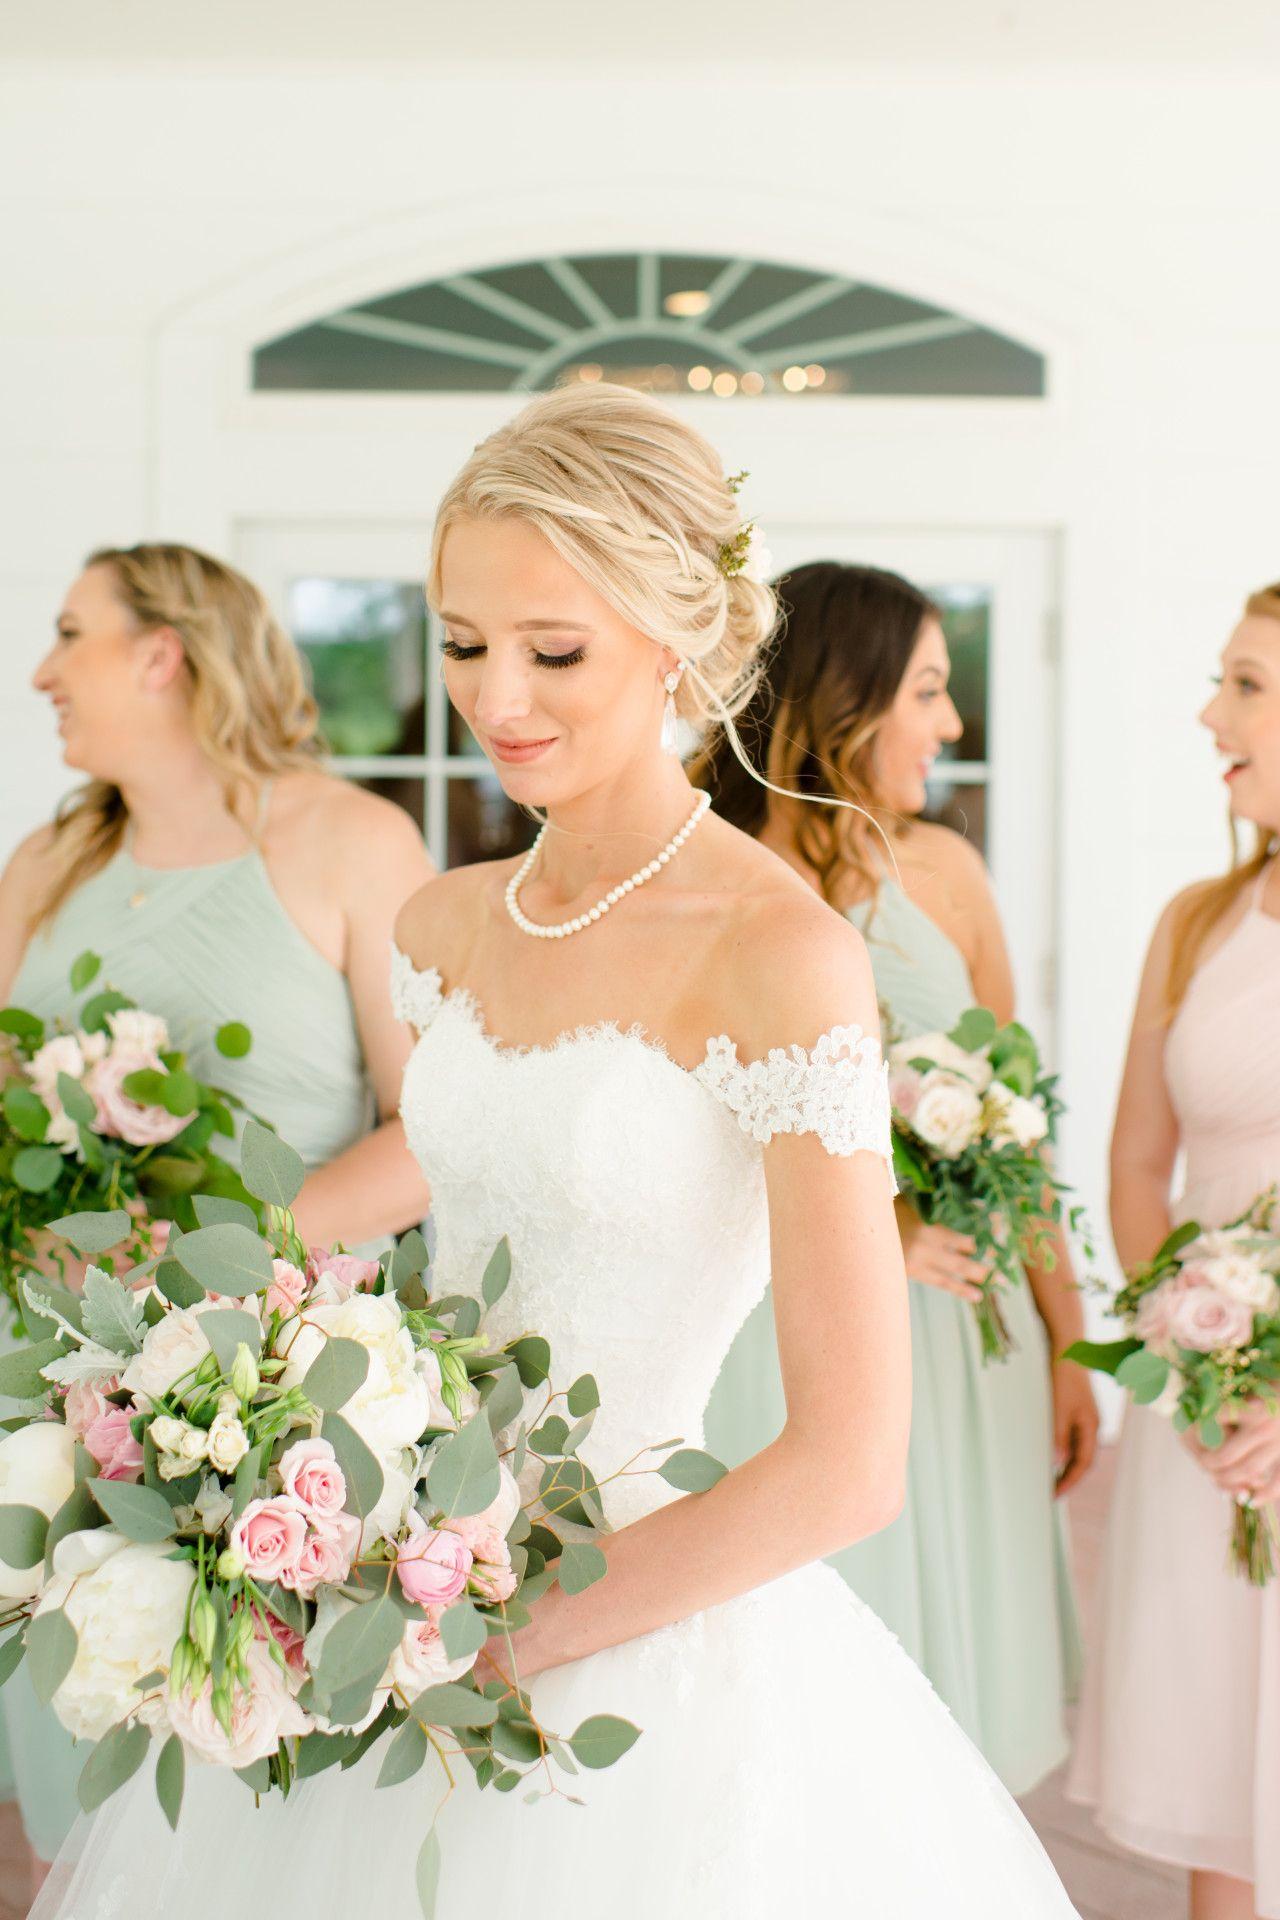 Bridesmaid photo idea unique bridesmaid photo candid bridesmaid